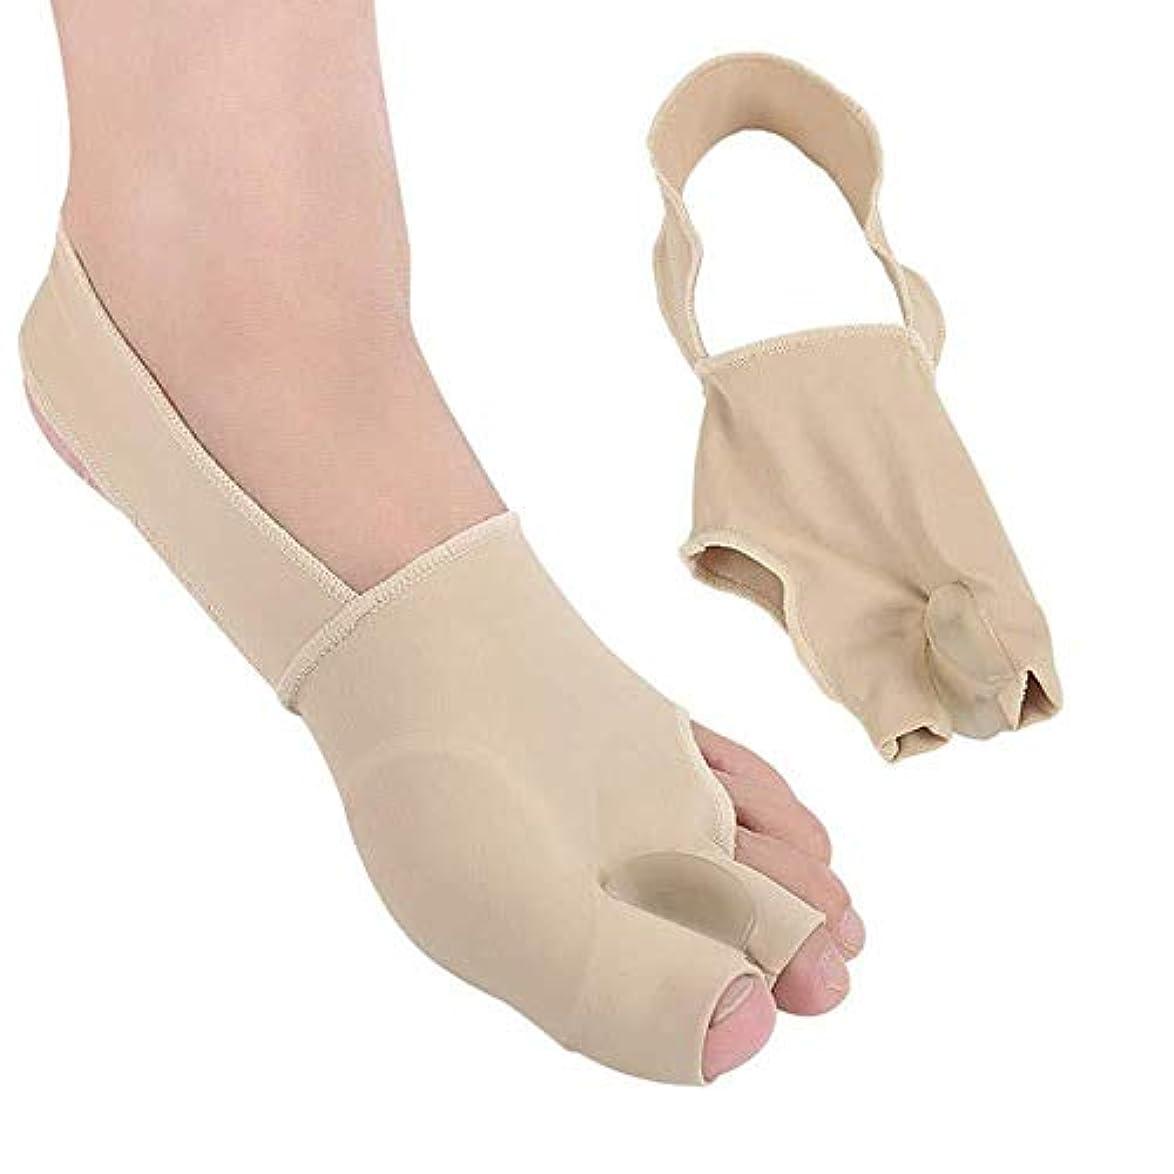 パラナ川ポジティブ快いつま先セパレーター、足の痛みを緩和する運動の治療のための超薄型整形外科のつま先の外反母supportサポート,S